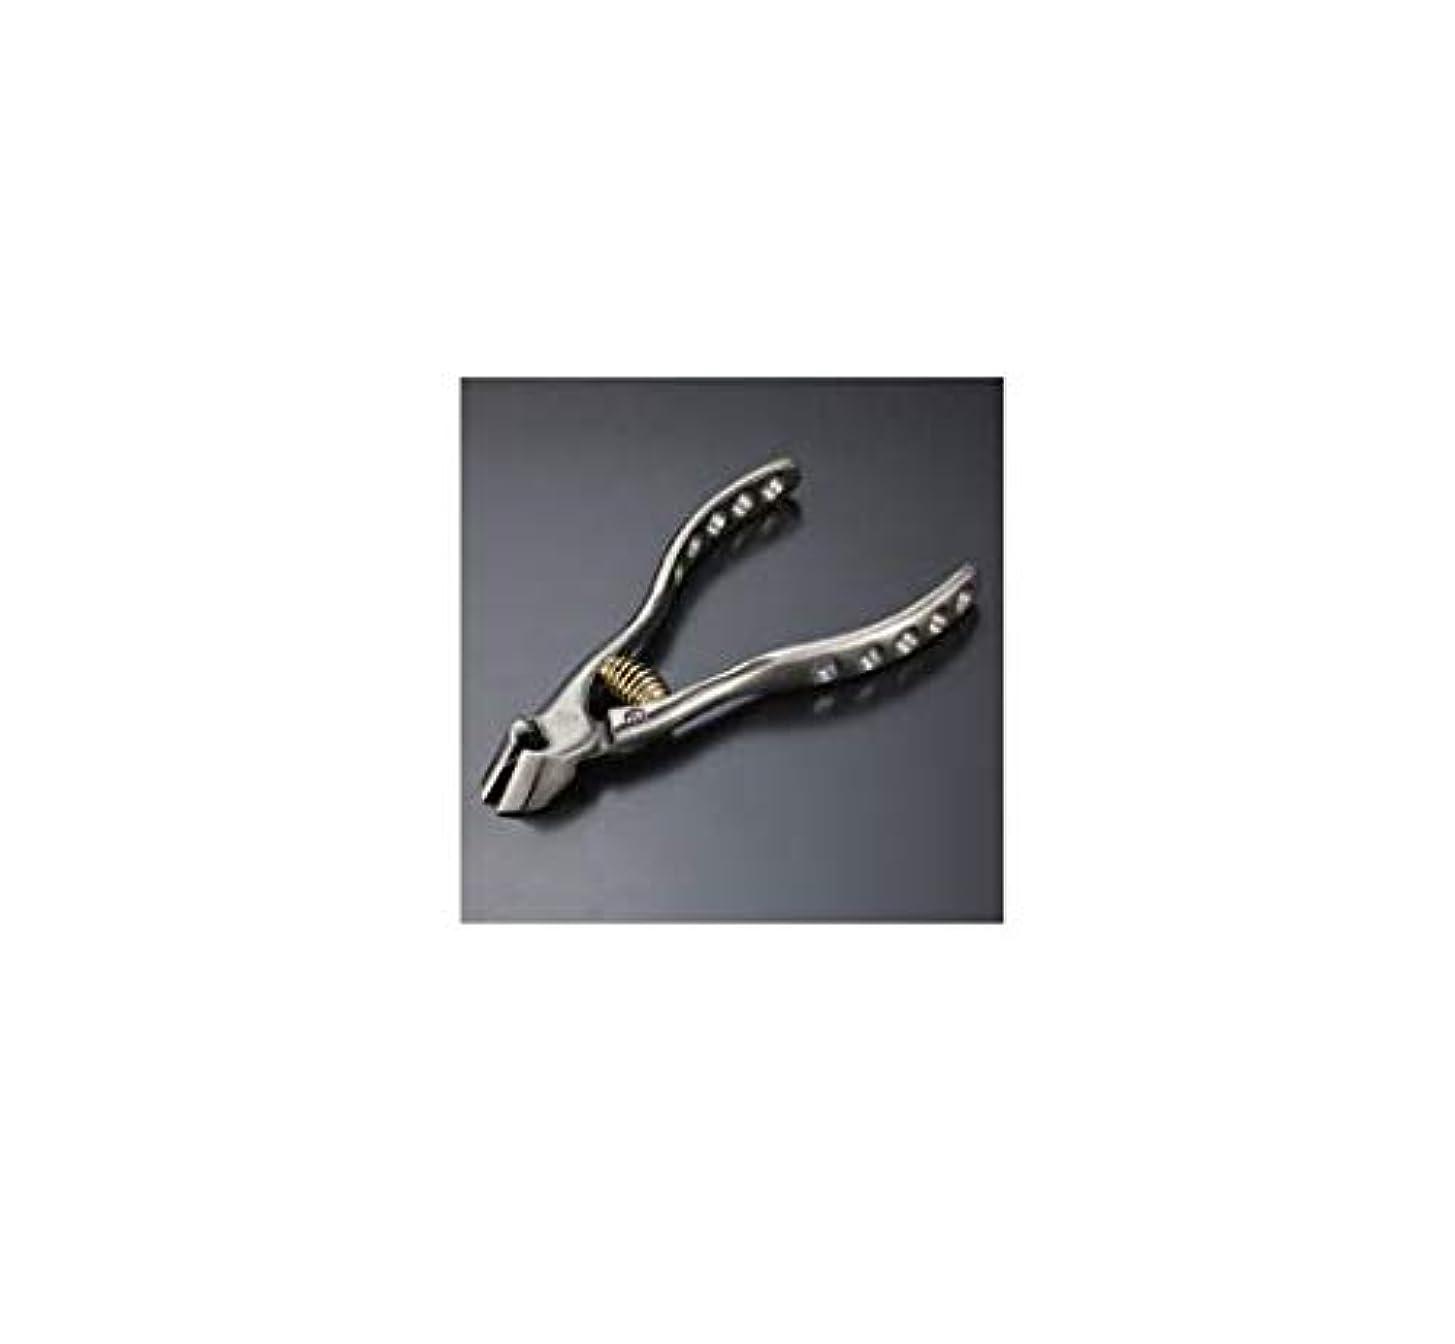 建設ステンレス振動させる鍛冶屋謹製ニッパ式爪切り 日本製 ニッパー 人気 おすすめ ネイル